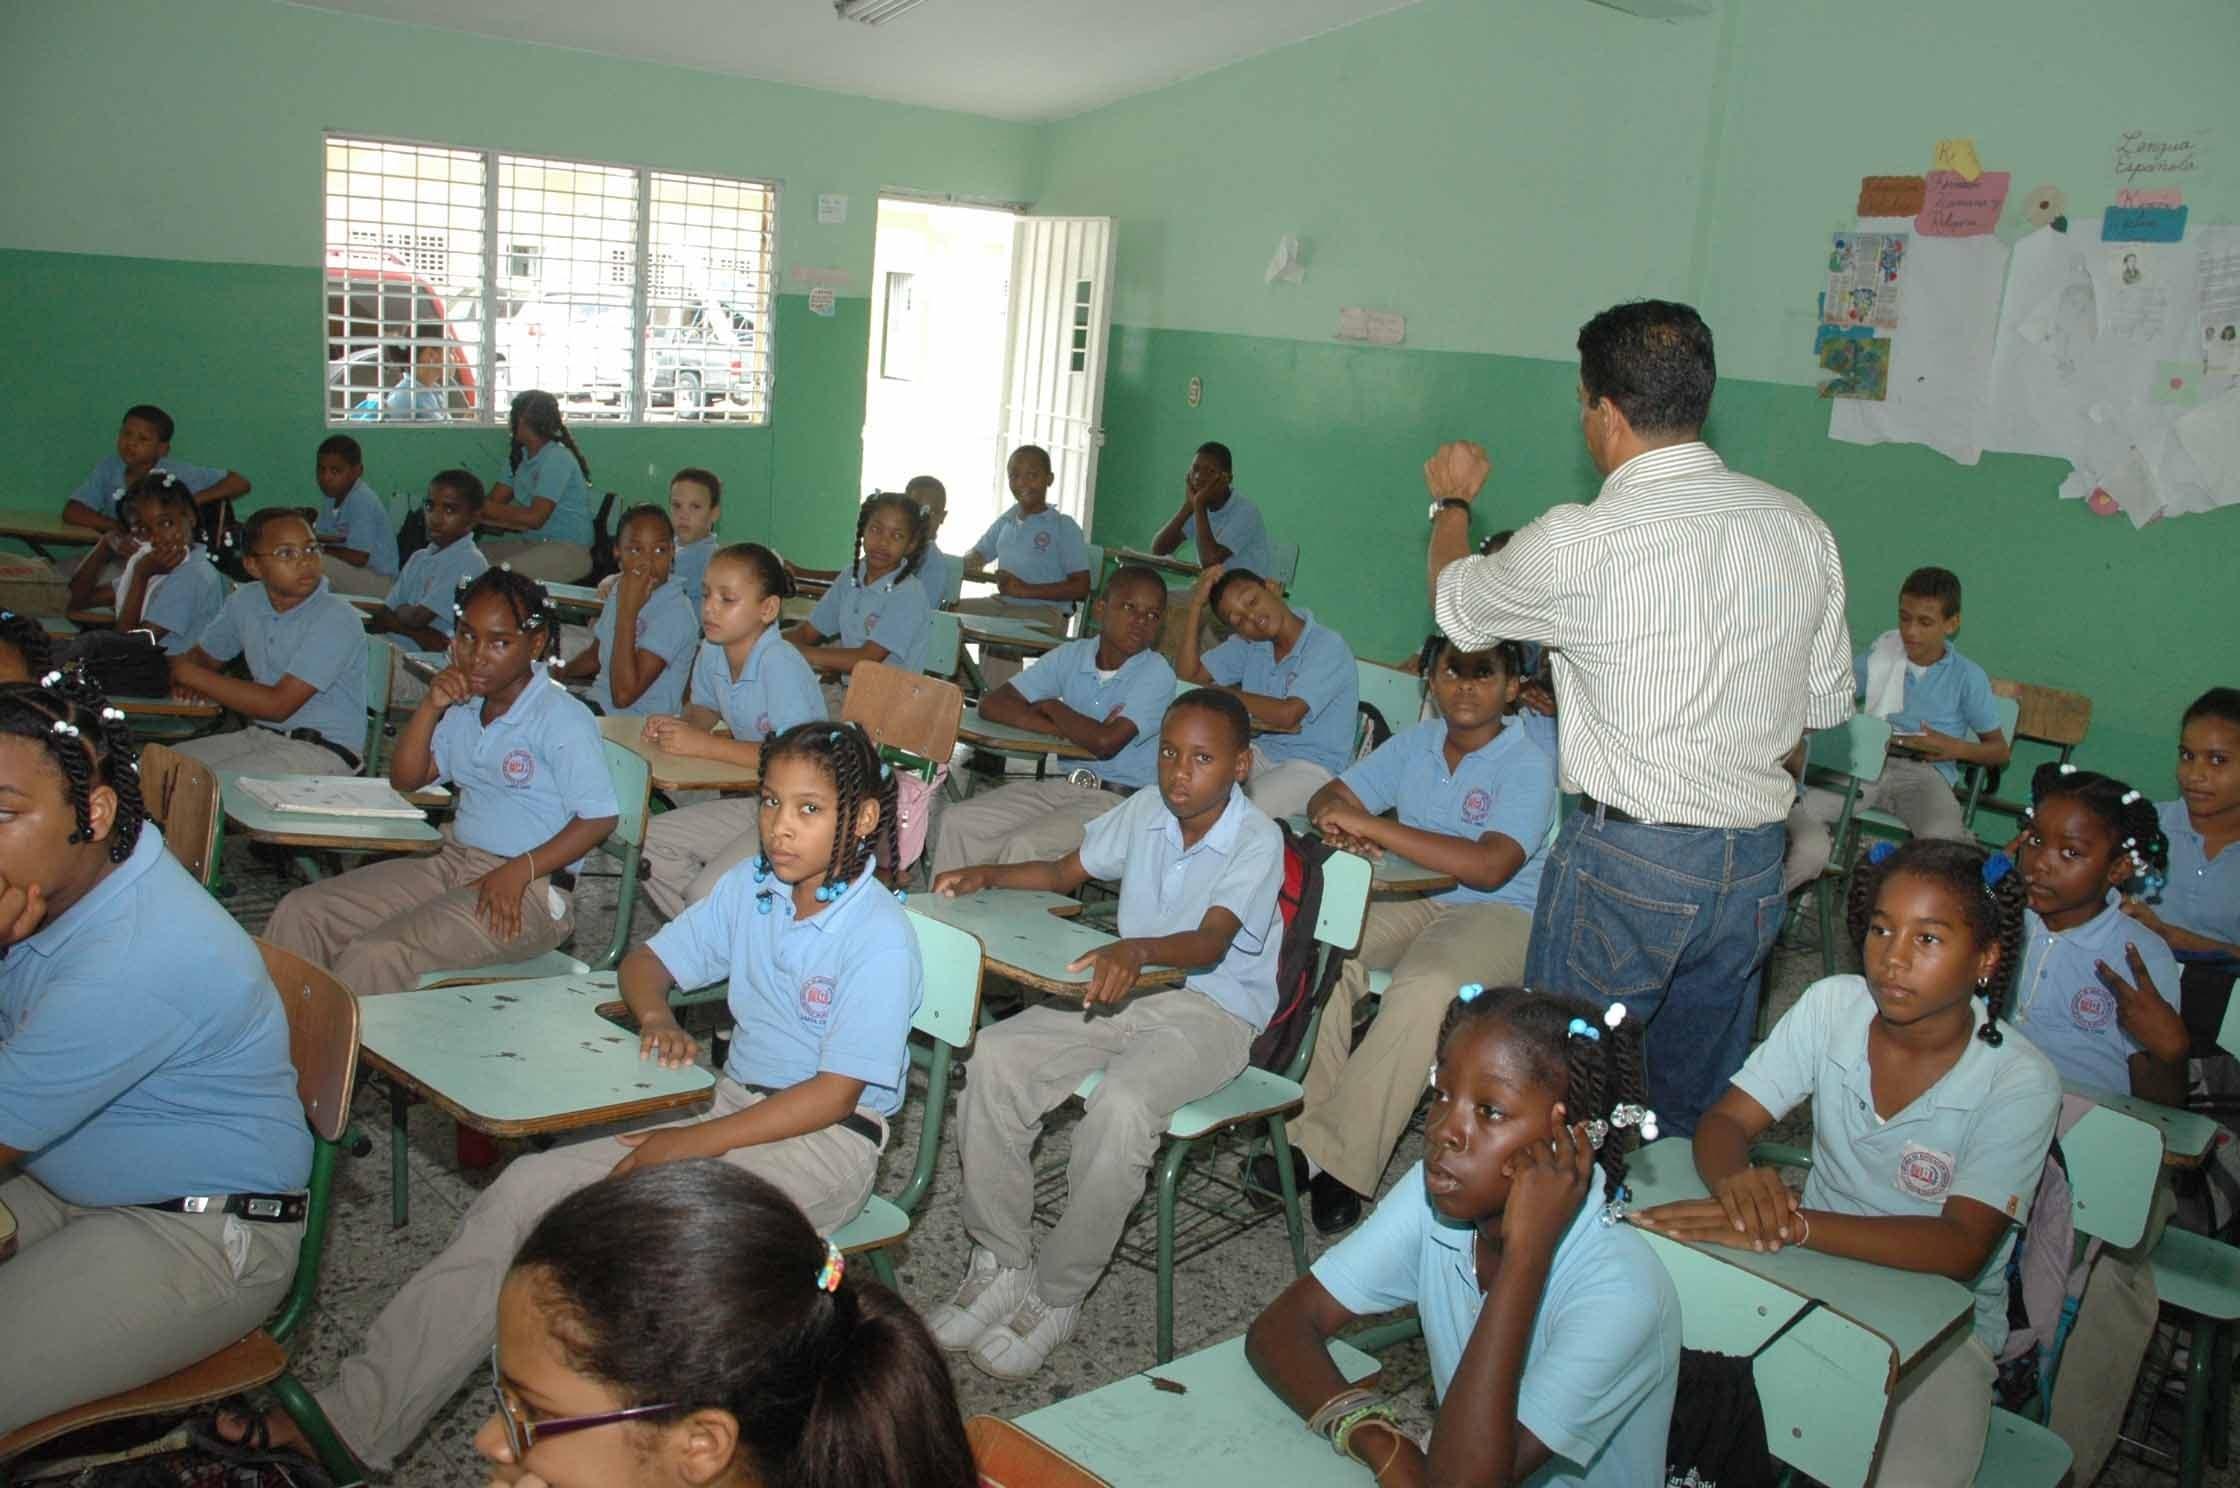 Resultado de imagen para Estudiantes de escuelas públicas dominicanas